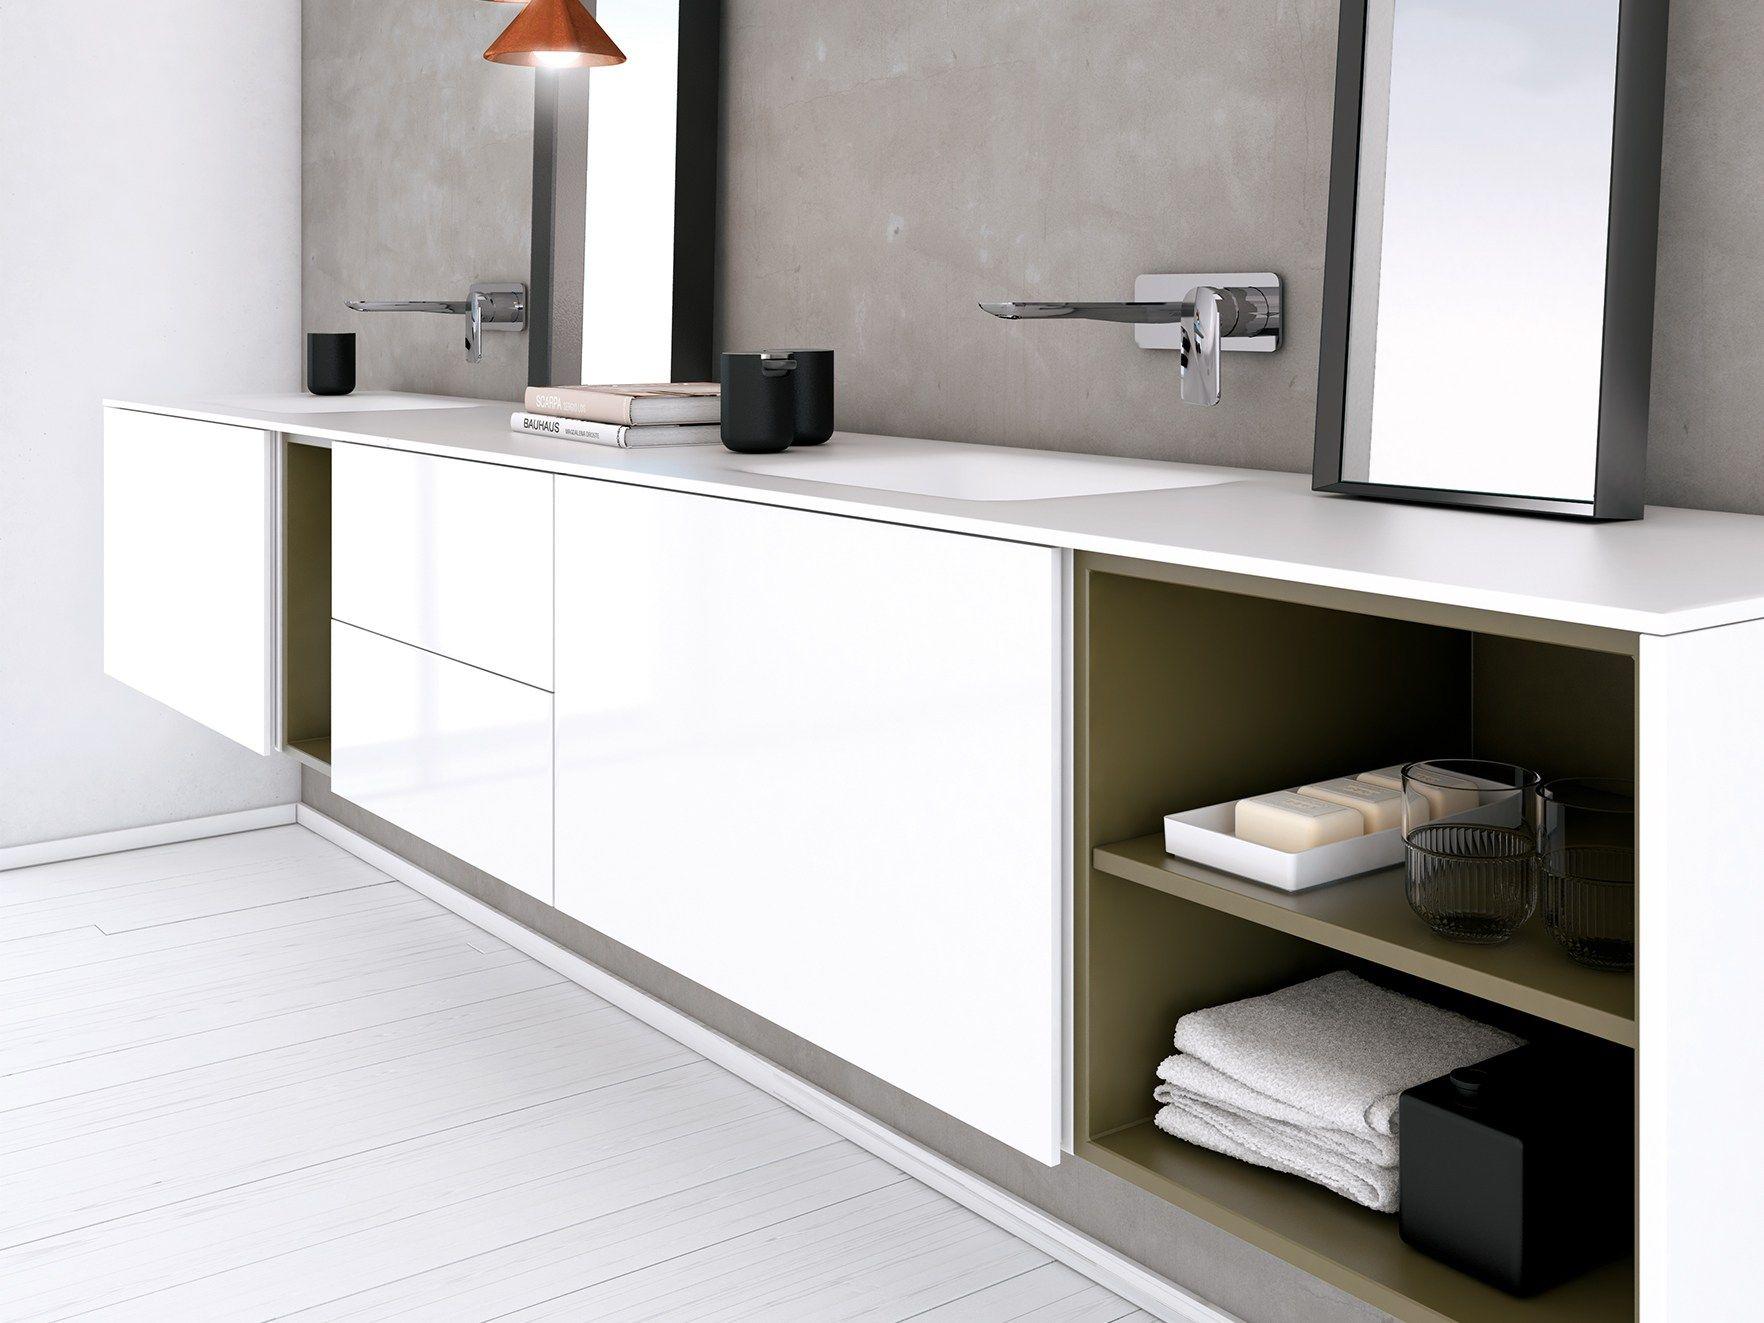 D4 Waschtisch aus Corian® by INBANI Design INBANI   Bäder ...